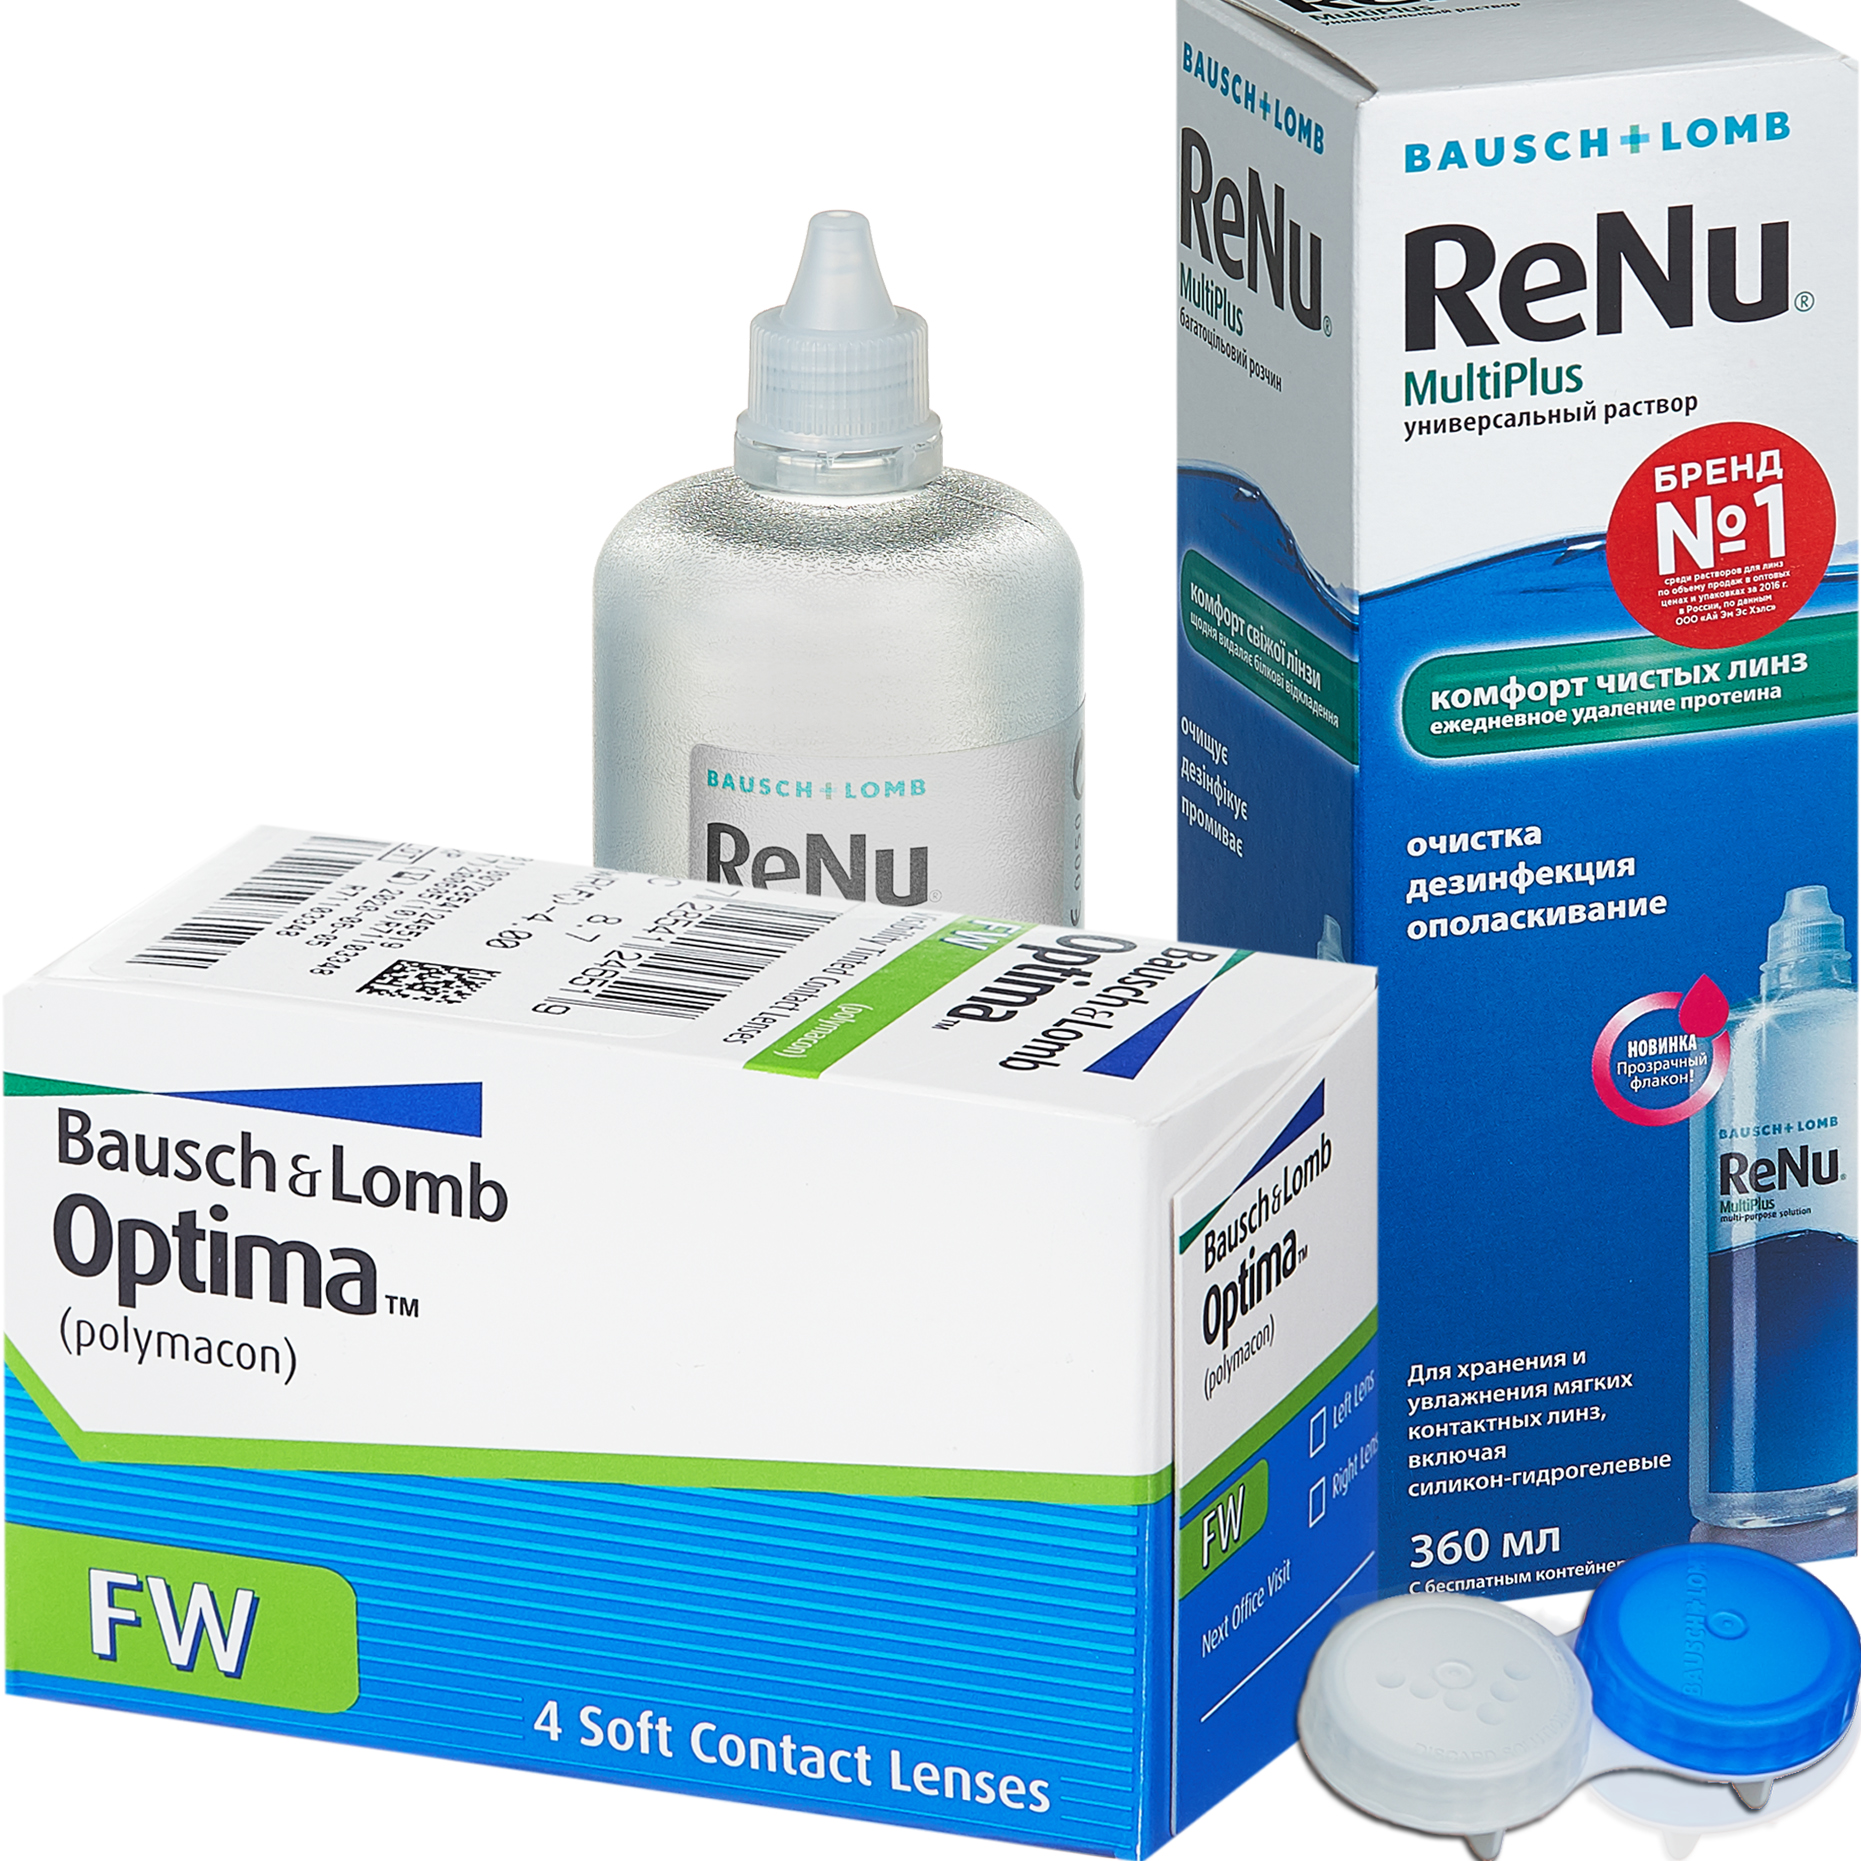 Купить Optima FW 4 линзы + ReNu MultiPlus, Контактные линзы Optima FW 4 линзы R 8.4 -7, 50 + Раствор ReNu Multi Plus 360 мл